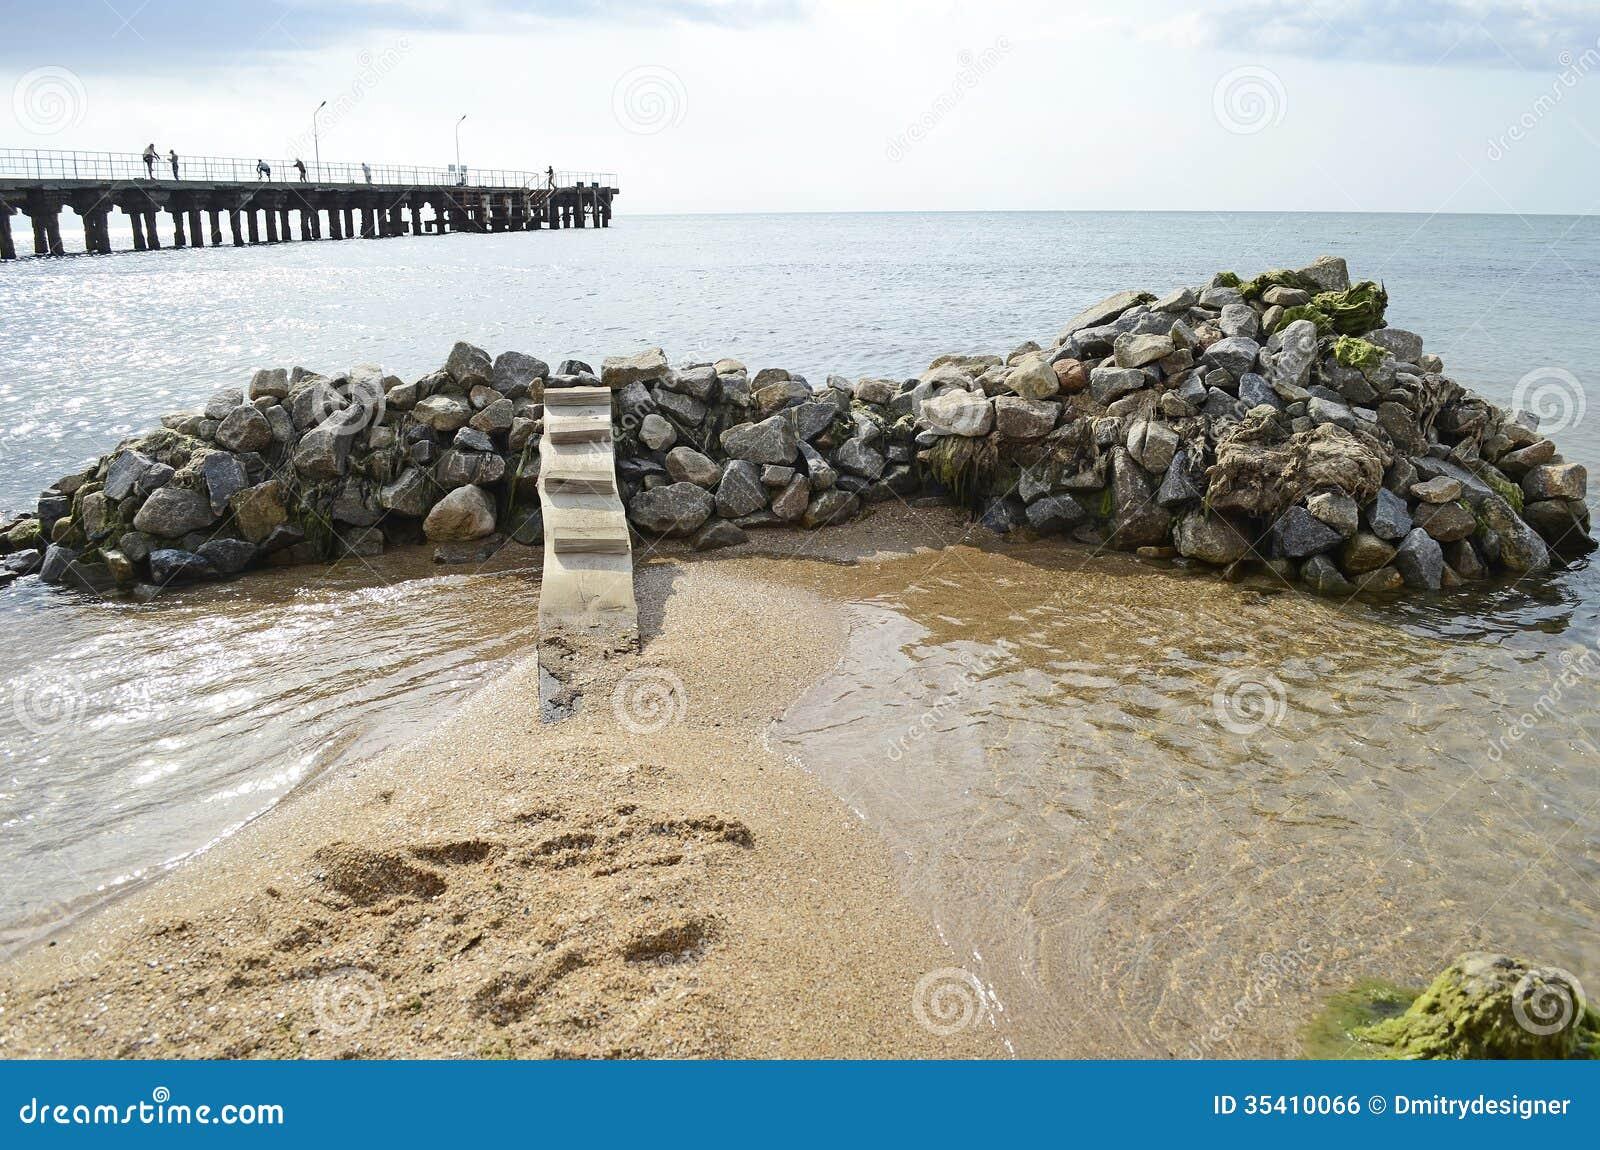 Landscape bridge on a pile of rocks in the sea crimea ukraine